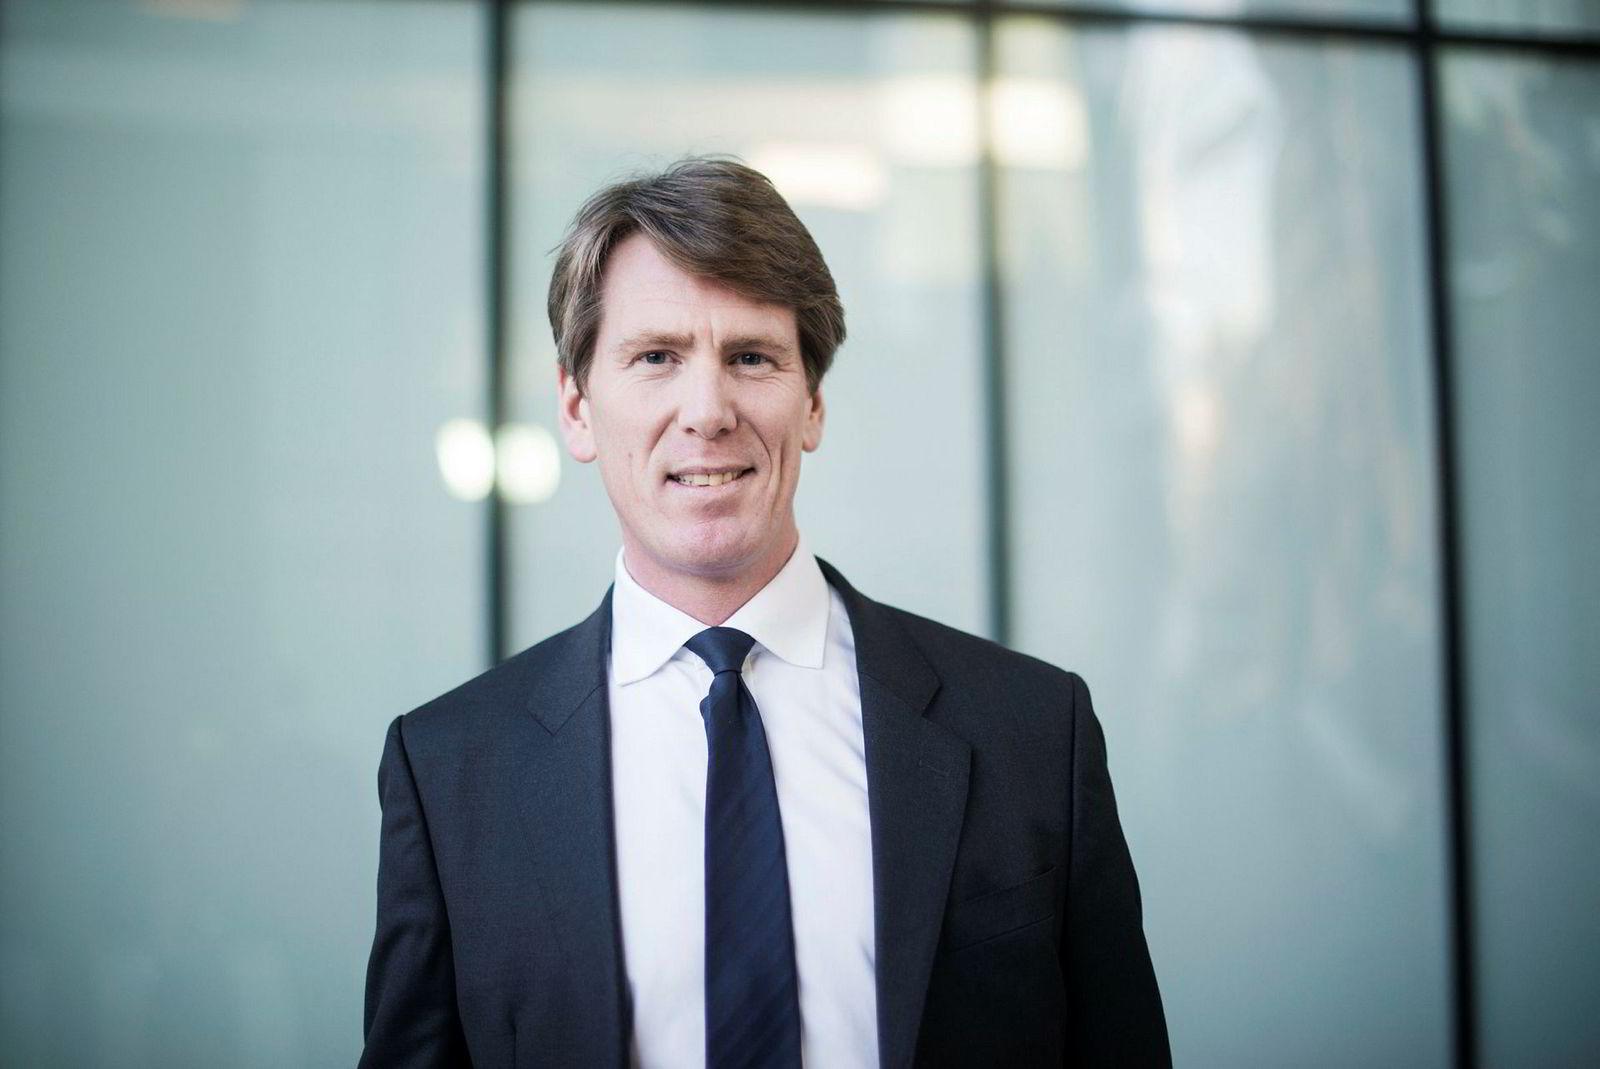 Sands-advokat Nicolai Skridshol er oppnevnt som gransker.